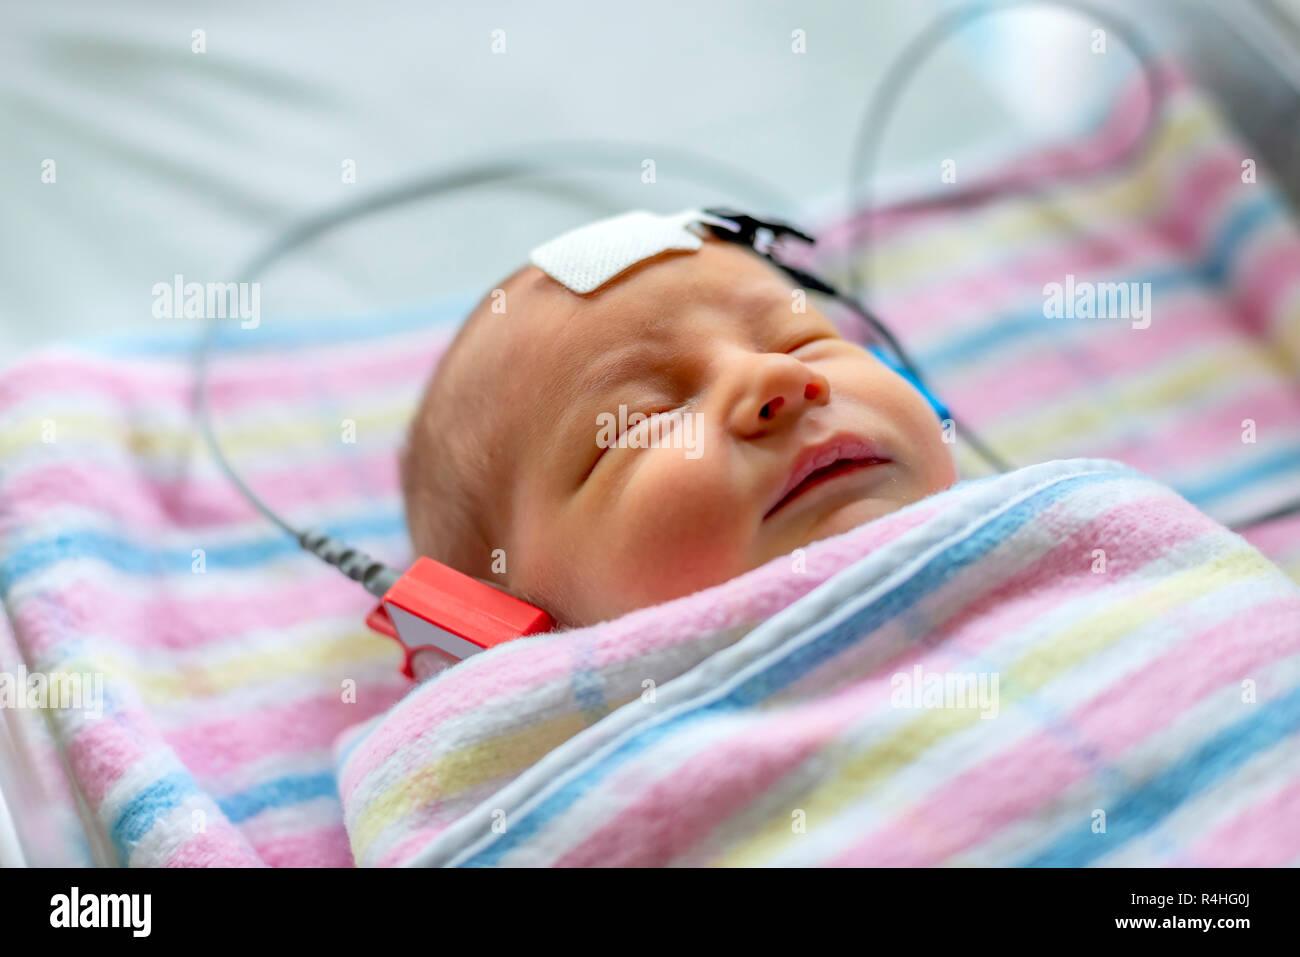 Hörfähigkeit Test eines schlafenden Neugeborenen im Krankenhaus Stockbild